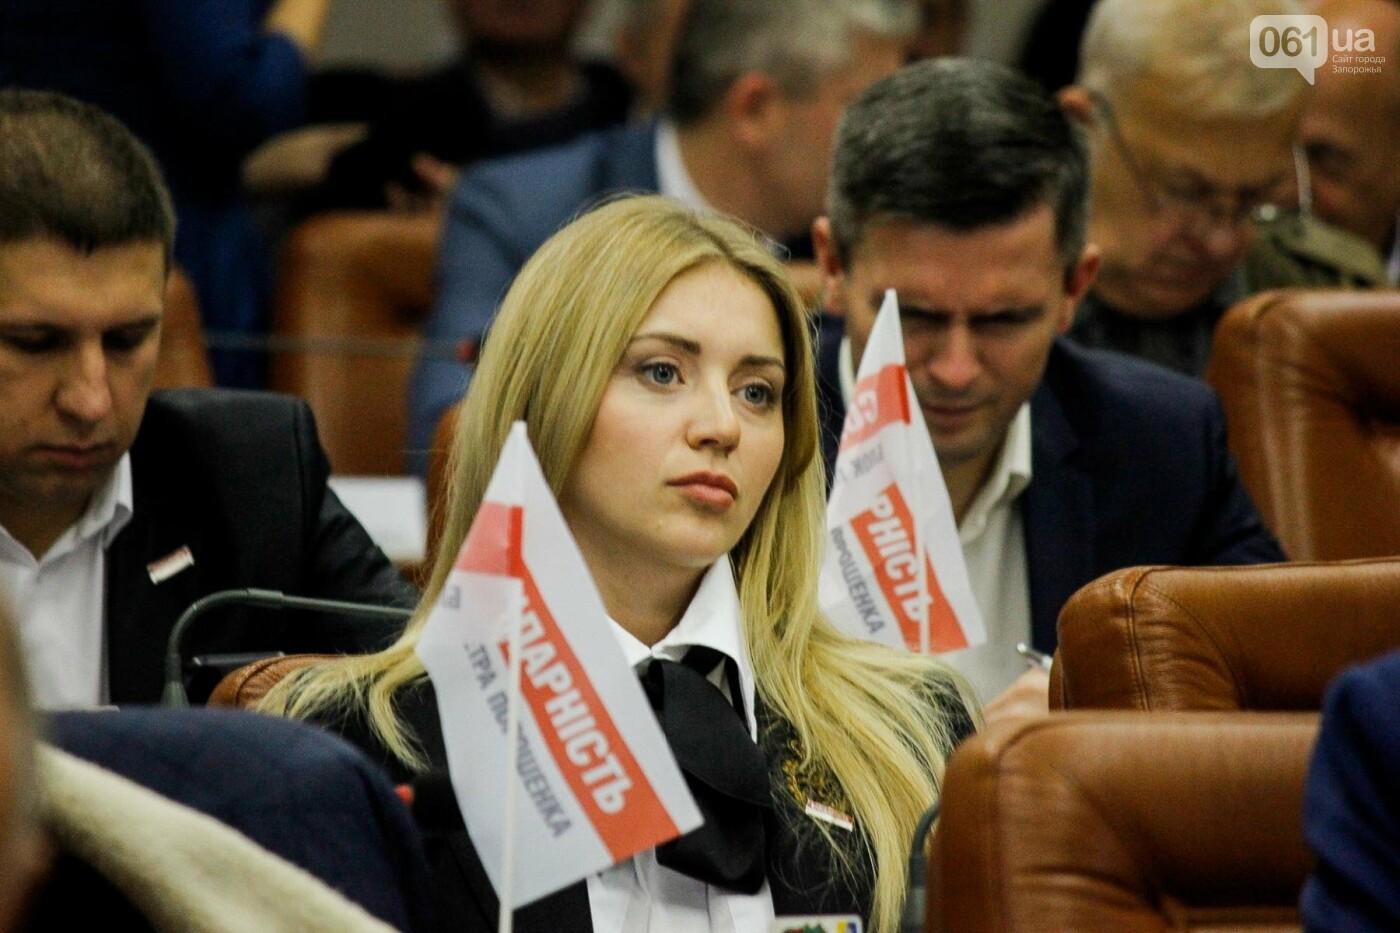 Сессия запорожского горсовета в 55 фотографиях, - ФОТОРЕПОРТАЖ, фото-15